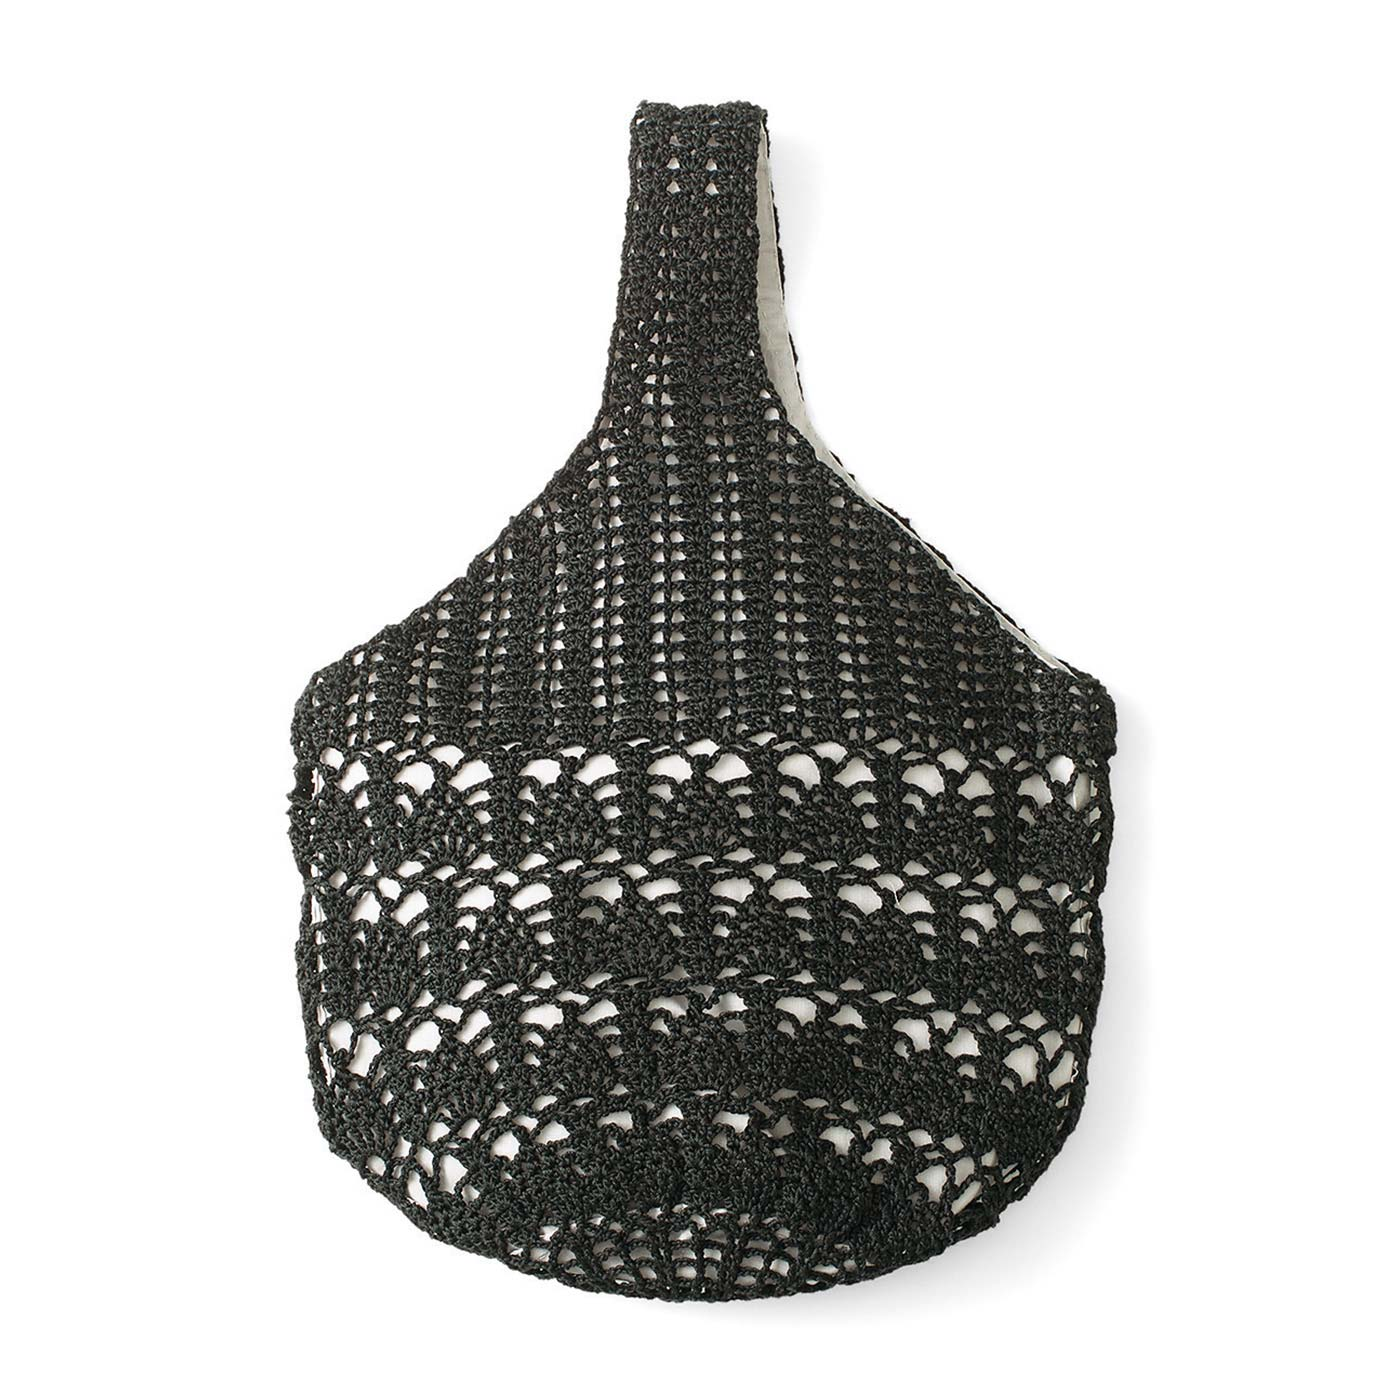 タイプ5:ブラックのパインコーンズ 縦約34cm、横約26cm、底直径12cm(持ち手含む)